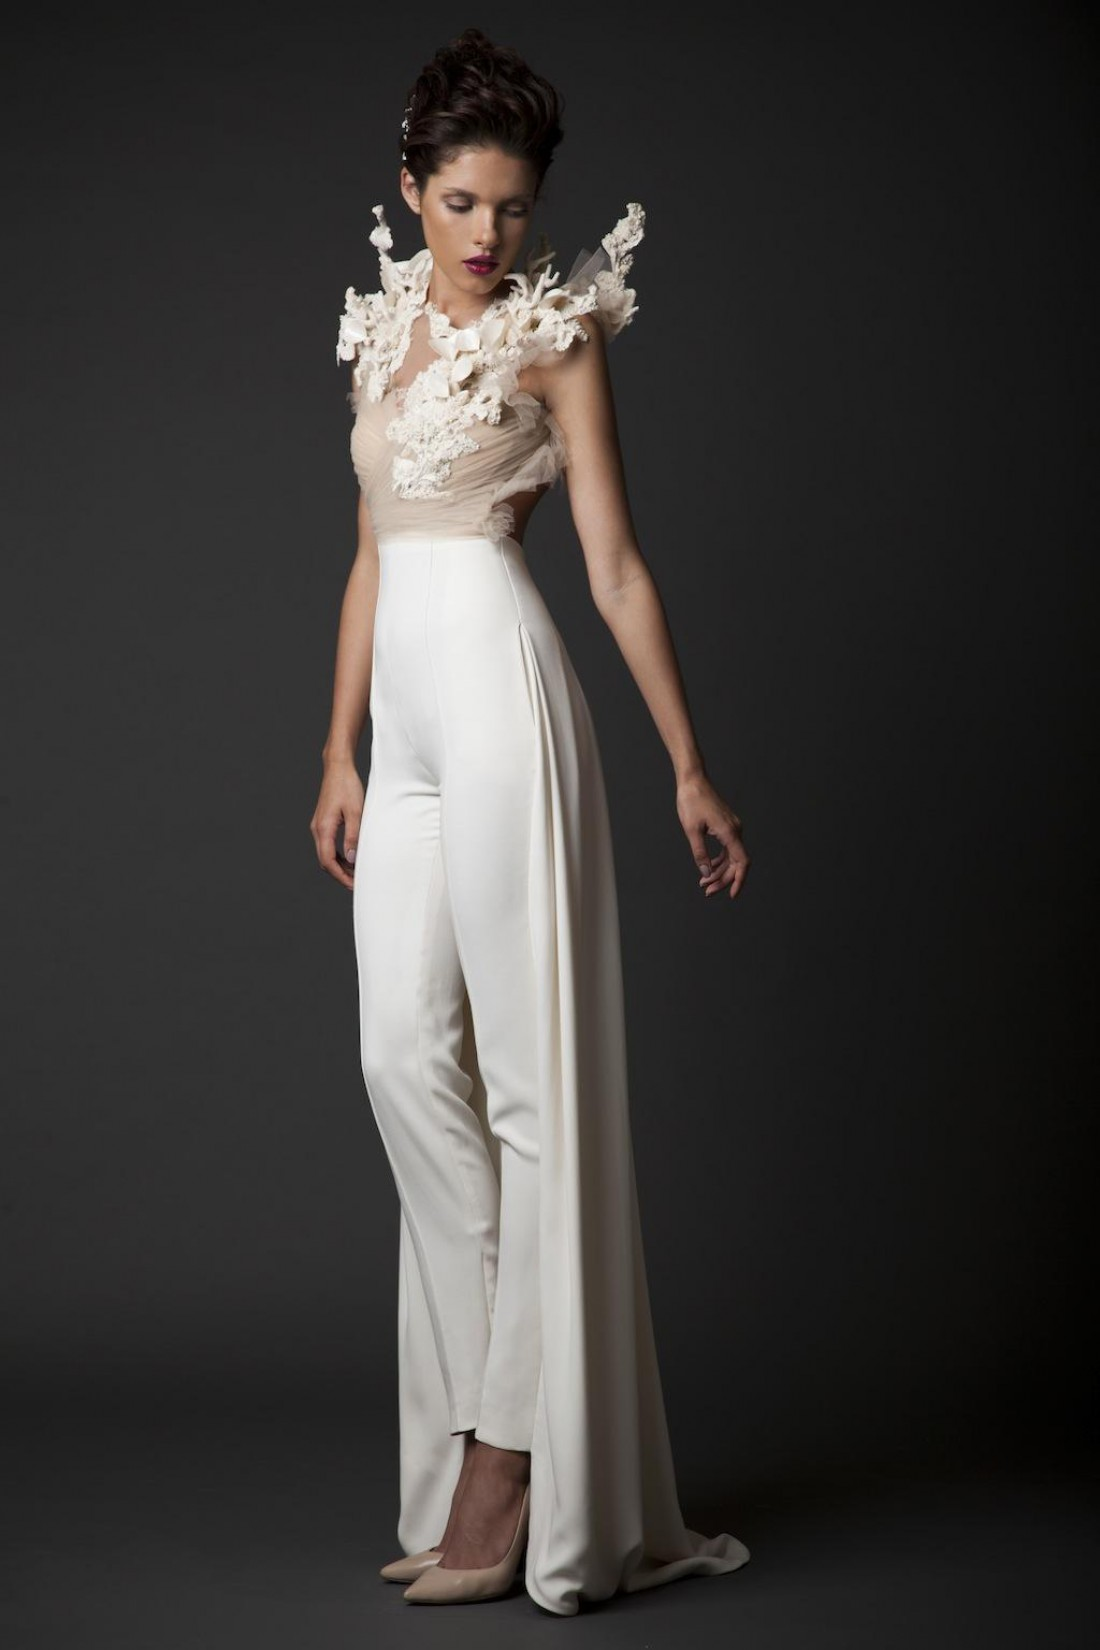 ТОП-3 альтернативных свадебных наряда